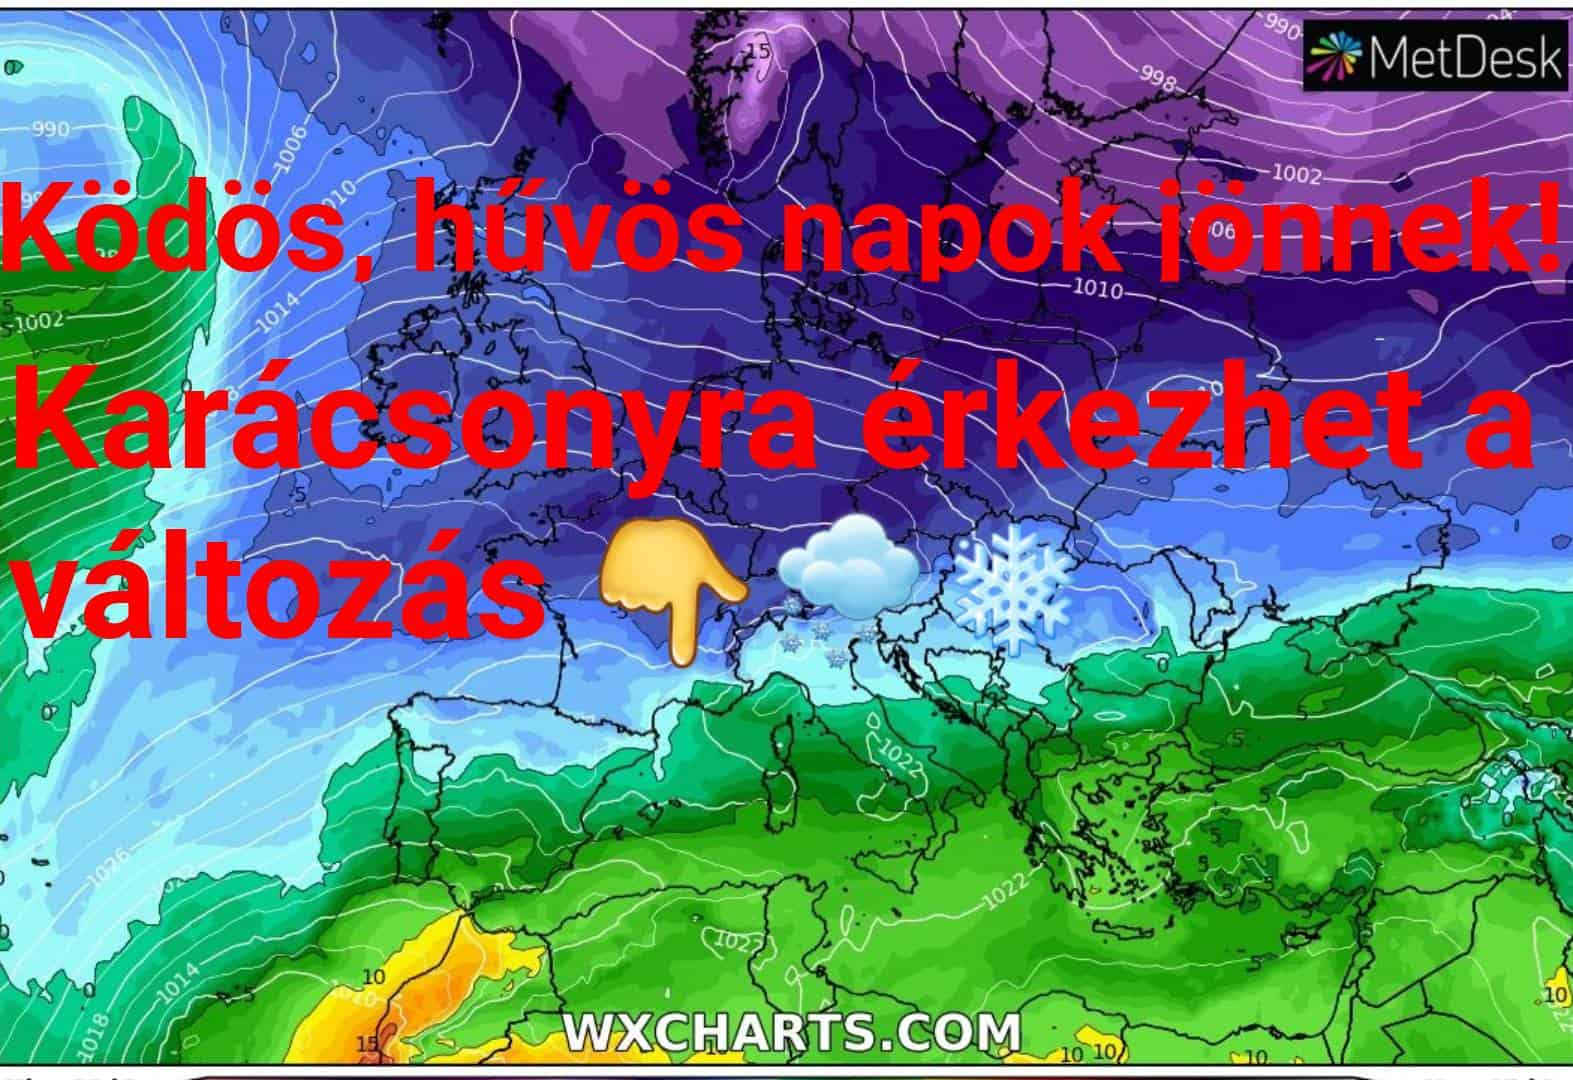 Hosszútávú kilátások: ködös, hideg időt követően az ünnepek havat is hozhatnak! (Animációs időjárás előrejelzés) 4